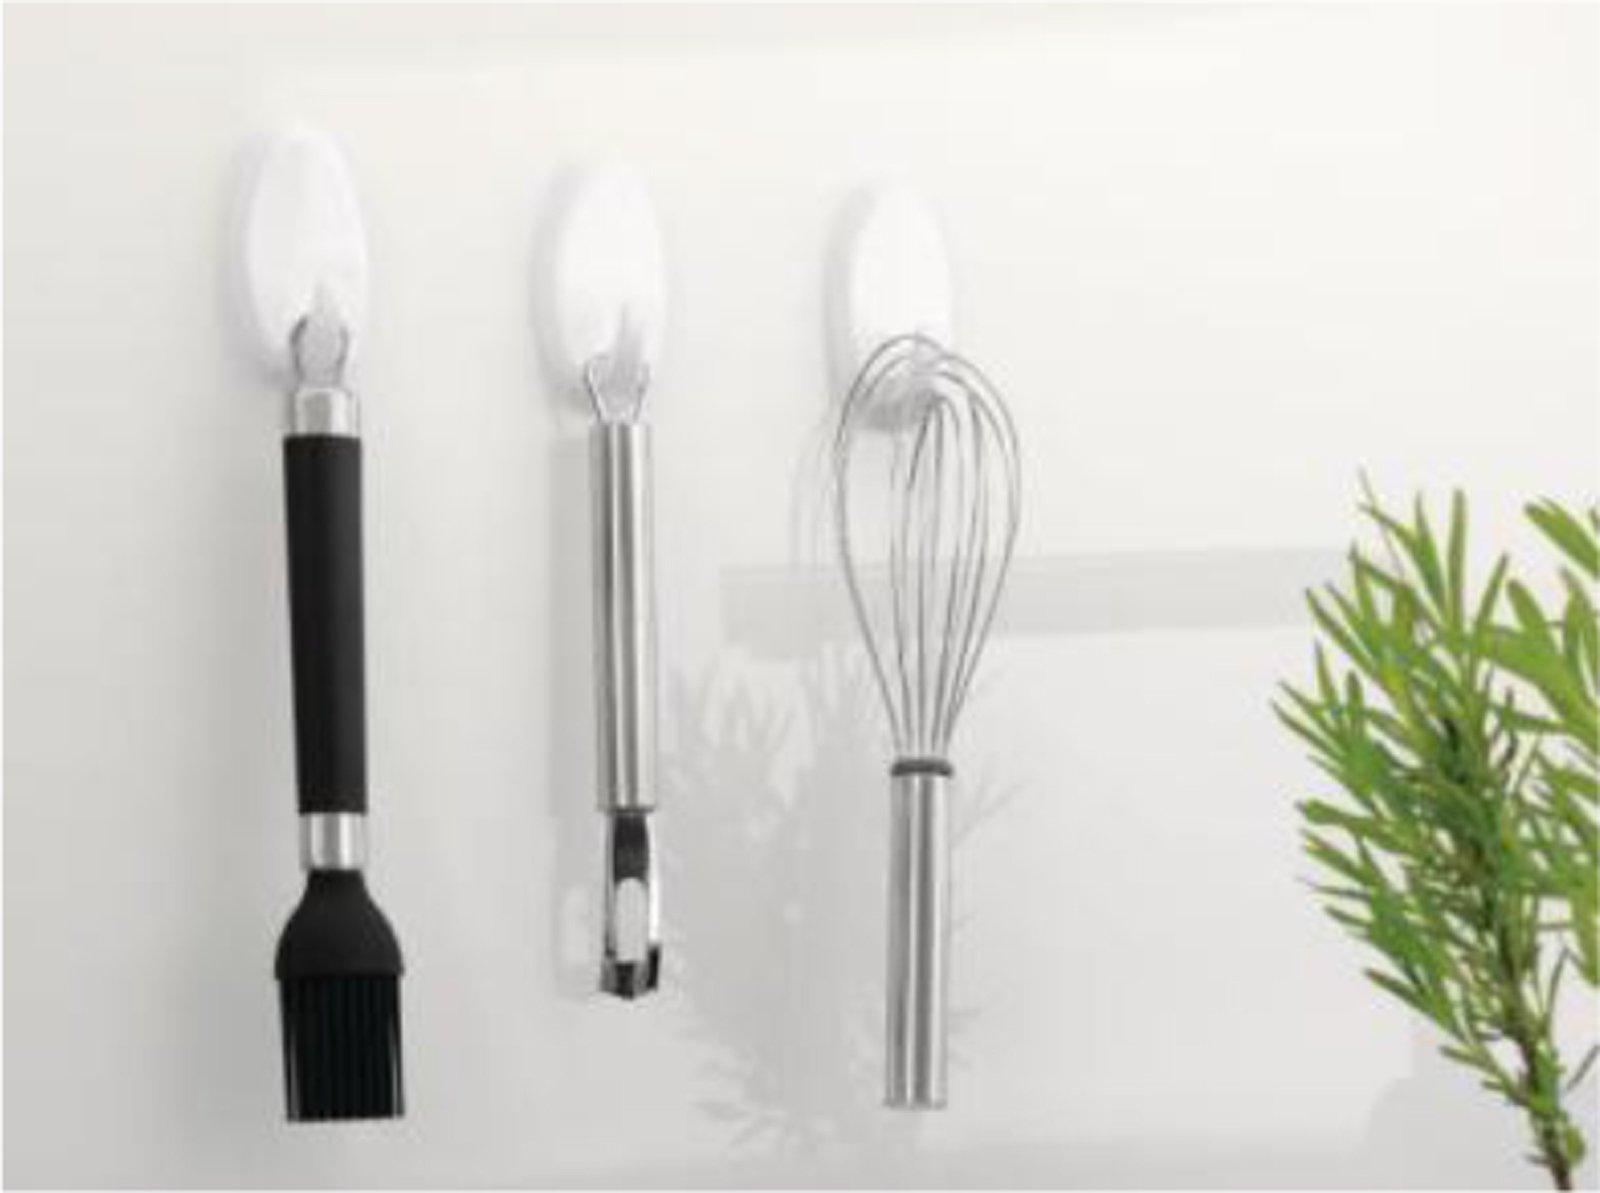 Appendere senza bucare il muro cose di casa for Appendi utensili da cucina